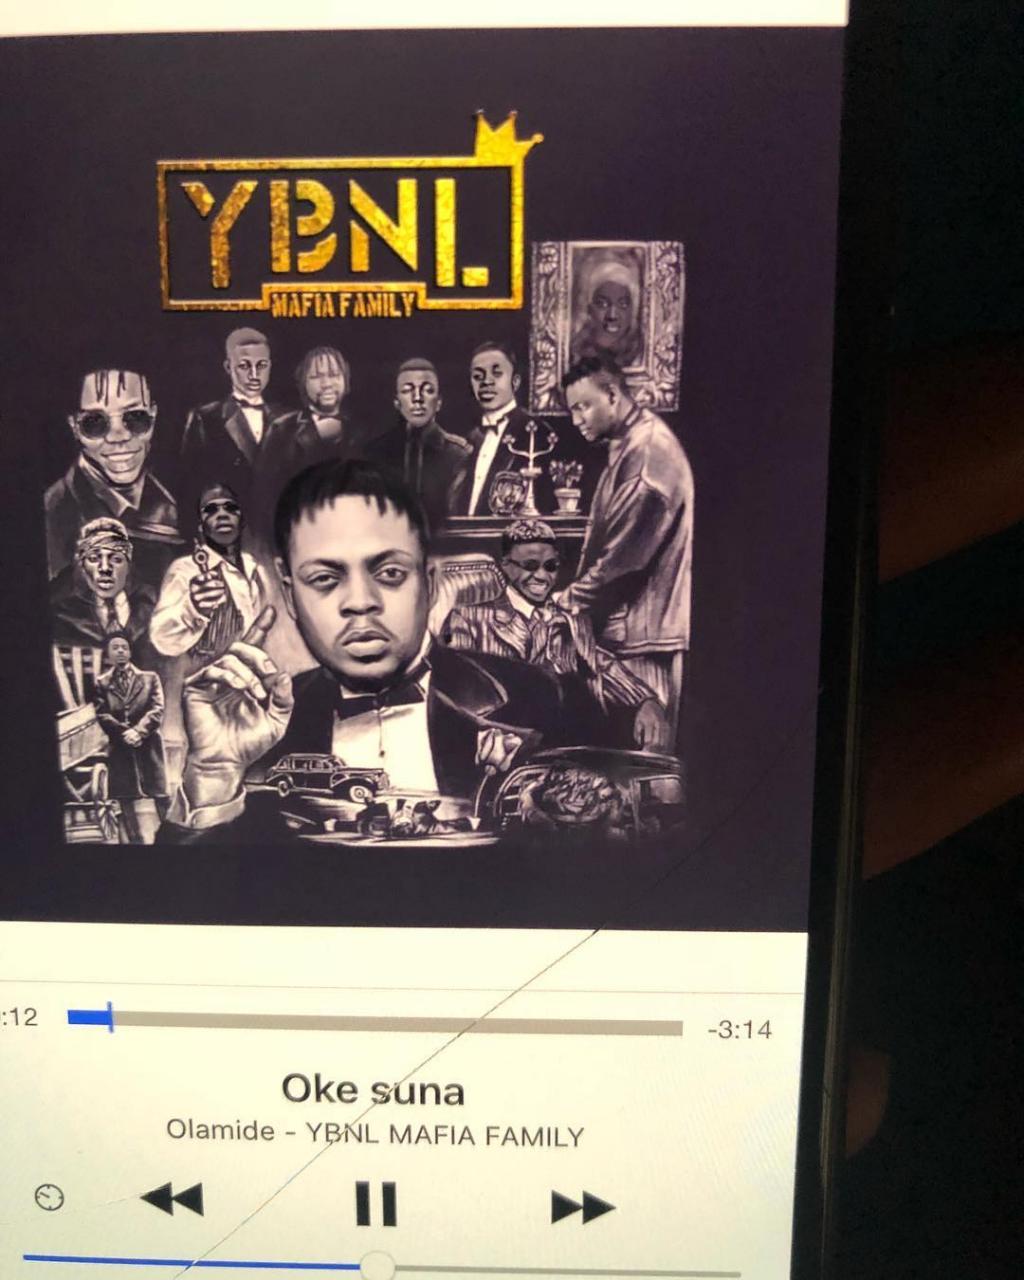 """DOWNLOAD MP3: Olamide – """"Oke Suna"""" (YBNL Mafia Family! Album)"""